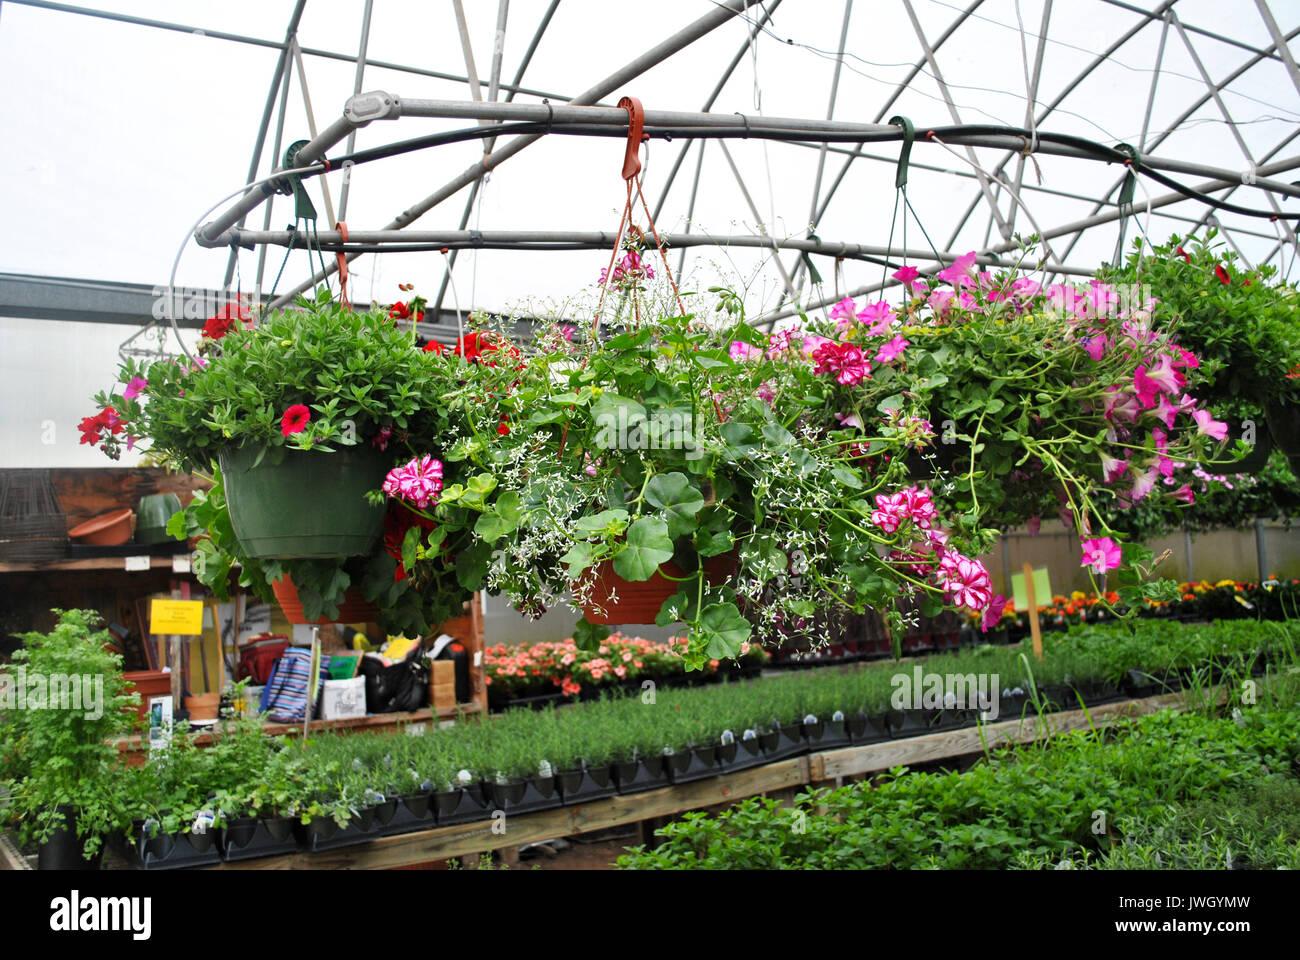 Hangende Gewachshaus Pflanzen Mit Der Workstation Im Hintergrund